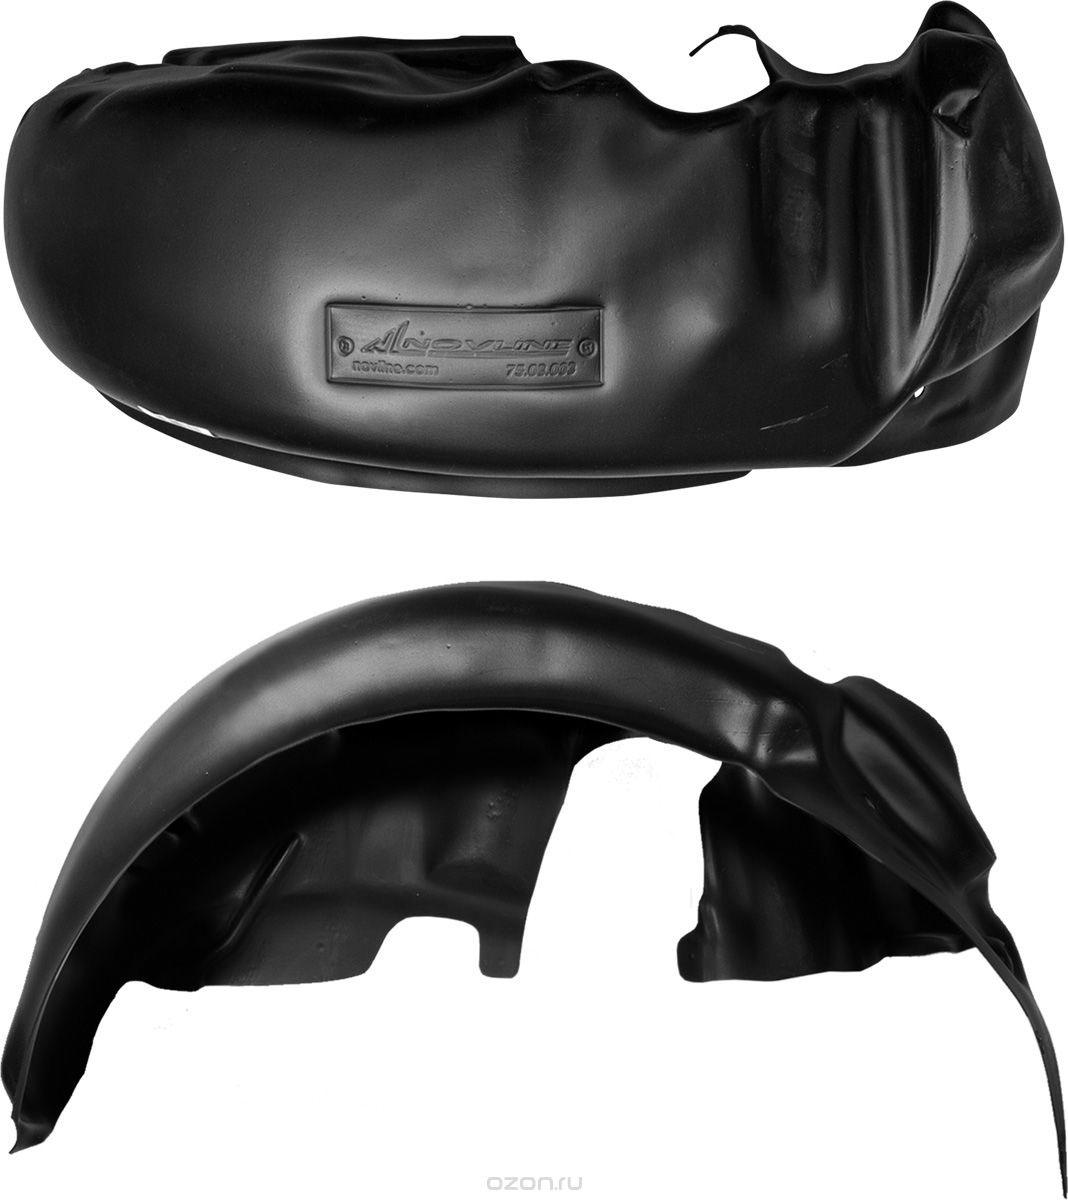 Подкрылок Novline-Autofamily, для ВАЗ 2110 1995-2007, задний правыйSVC-300Идеальная защита колесной ниши. Локеры разработаны с применением цифровых технологий, гарантируют максимальную повторяемость поверхности арки. Изделия устанавливаются без нарушения лакокрасочного покрытия автомобиля, каждый подкрылок комплектуется крепежом. Уважаемые клиенты, обращаем ваше внимание, что фотографии на подкрылки универсальные и не отражают реальную форму изделия. При этом само изделие идет точно под размер указанного автомобиля.